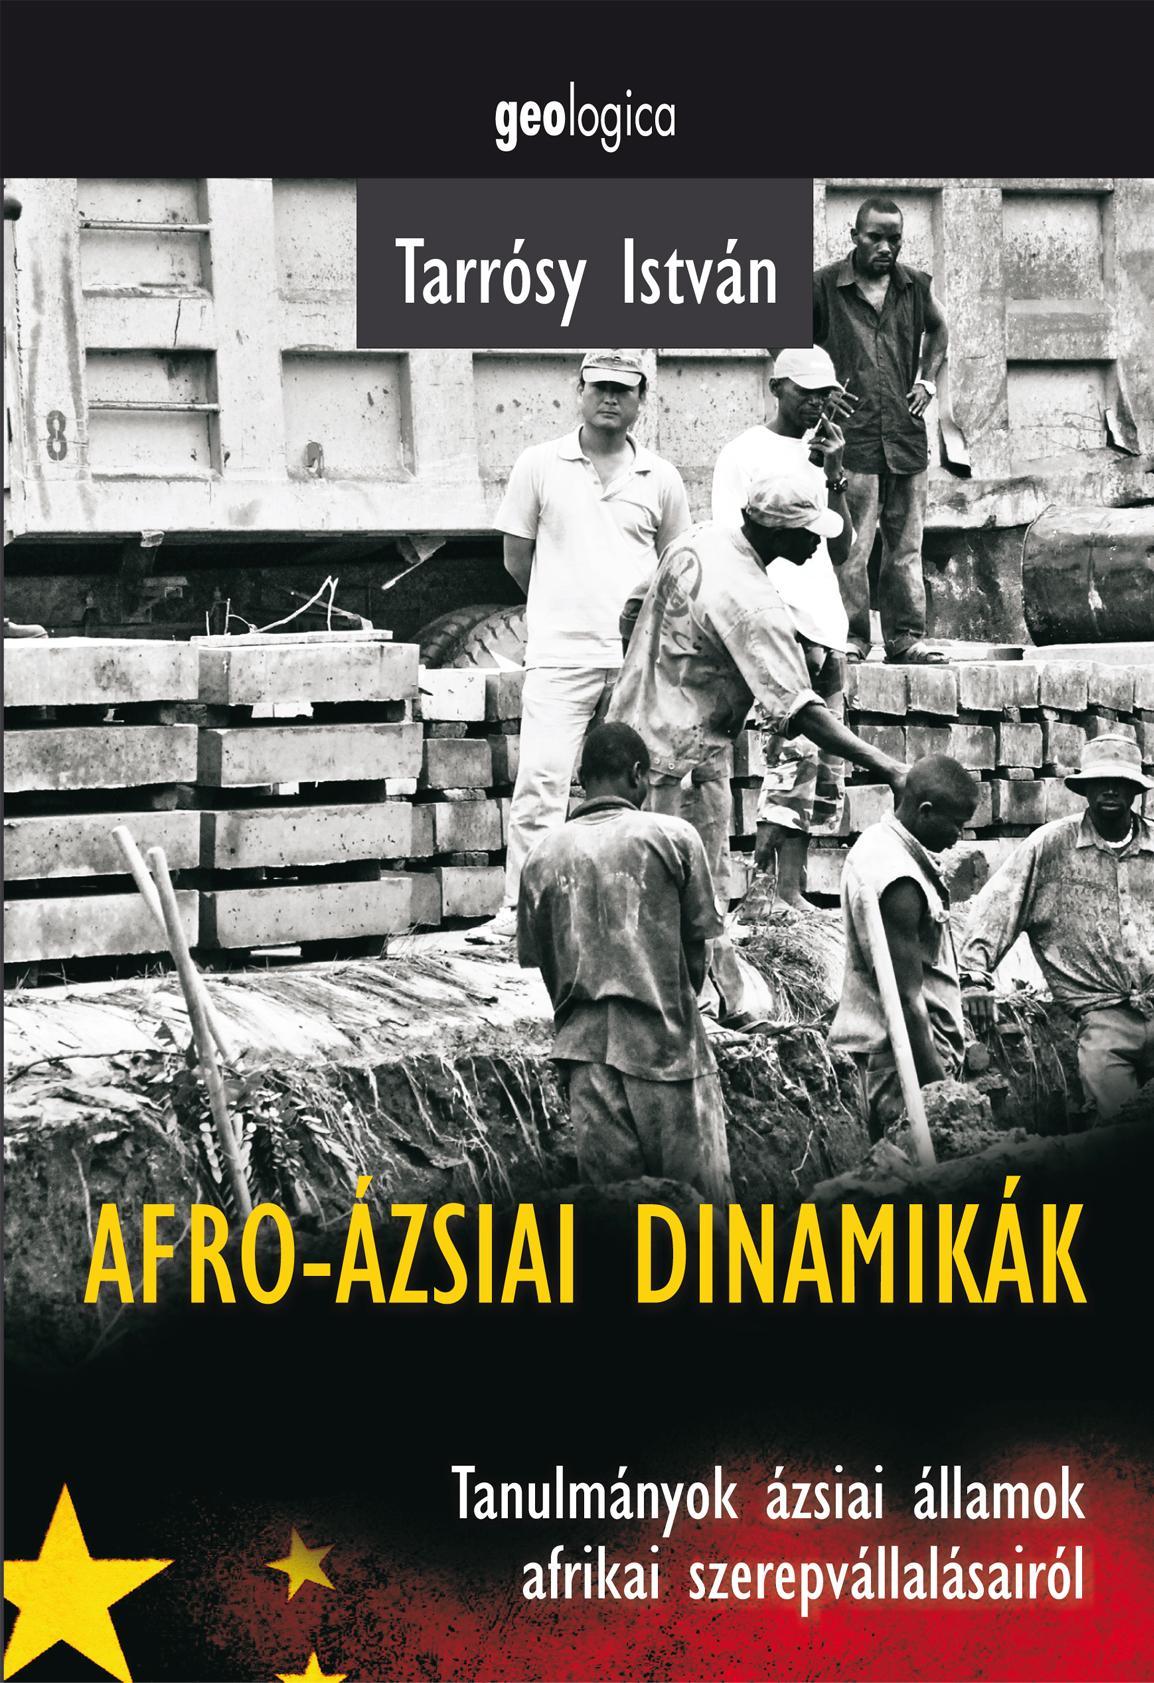 AFRO-ÁZSIAI DINAMIKÁK - TANULMÁNYOK ÁZSIAI ÁLLAMOK AFRIKAI SZEREPVÁLLALÁSAIRÓL